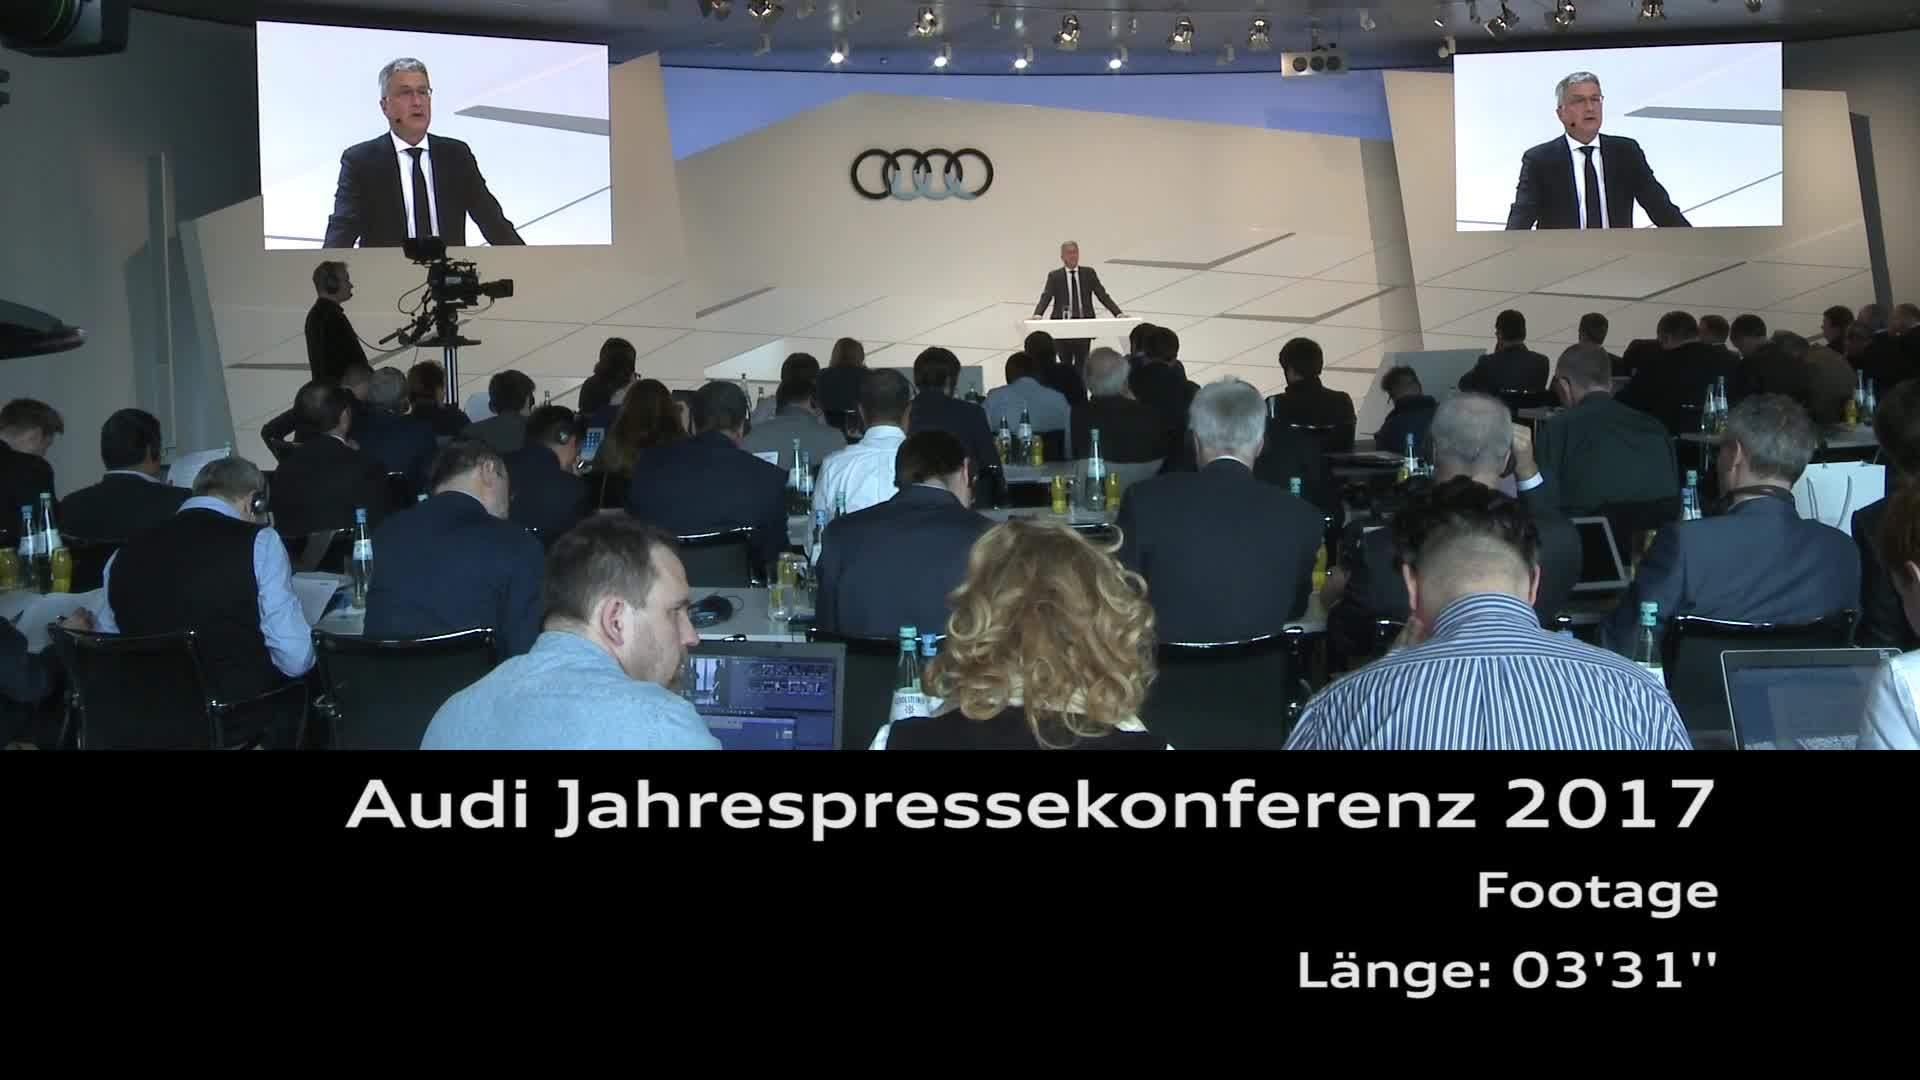 Audi Jahrespressekonferenz 2017 Footage